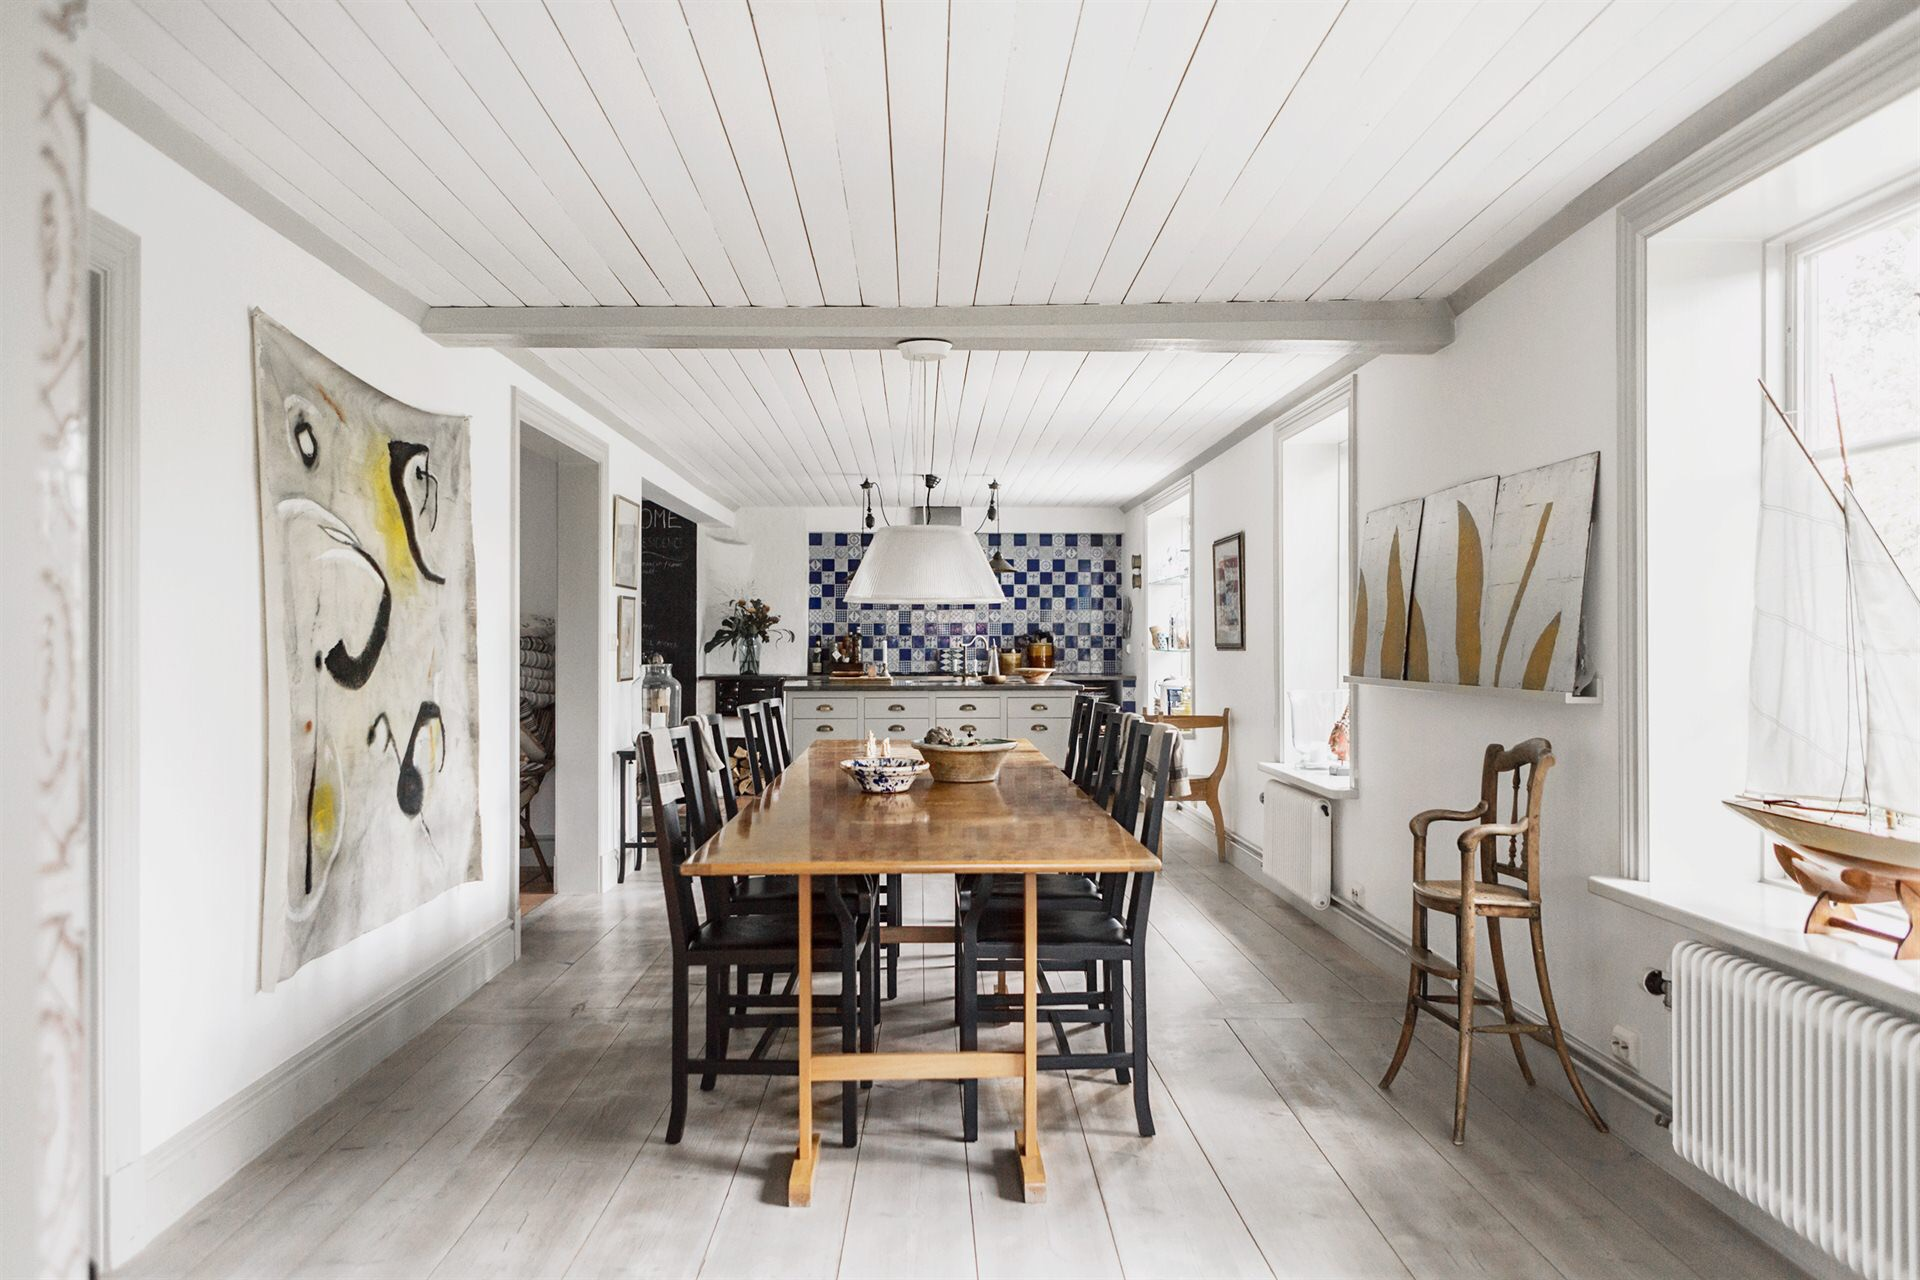 деревянный потолок стол стулья окна радиатор отопления деревянный пол